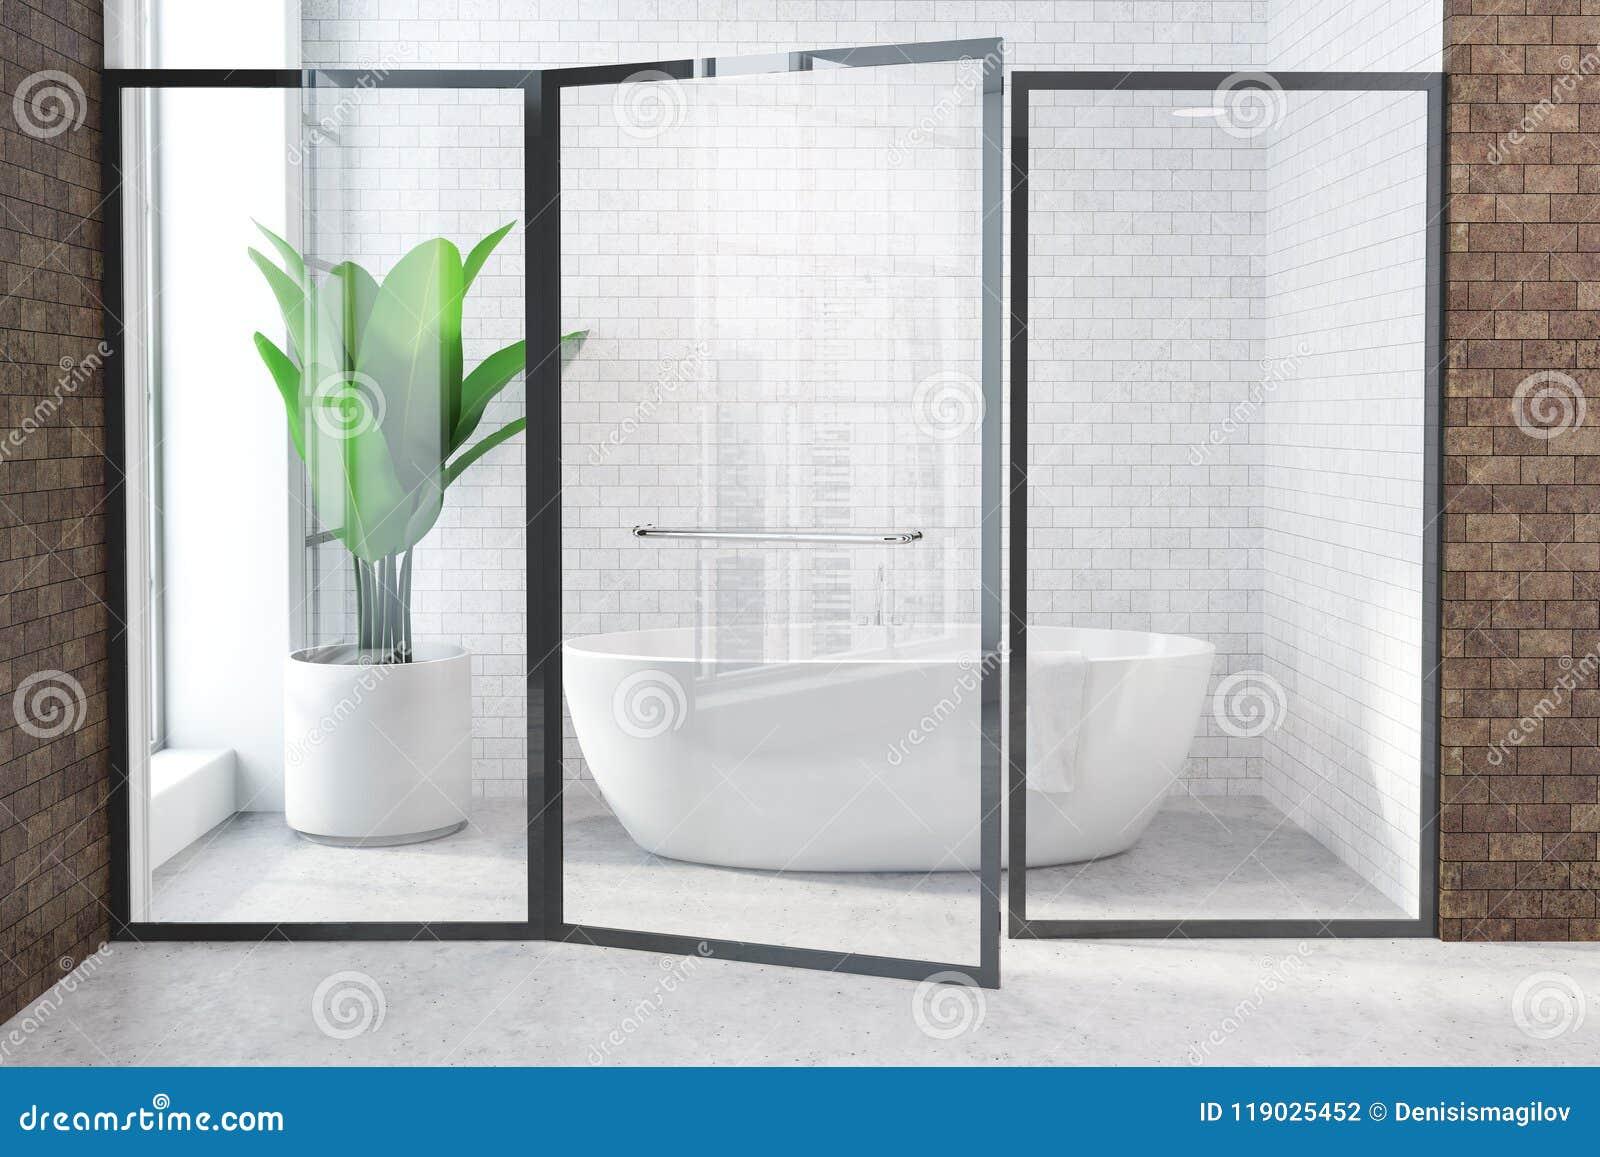 Vetri Per Vasca Del Bagno.Vasca Bianca In Bagno Bianco E Marrone Porta Di Vetro Illustrazione